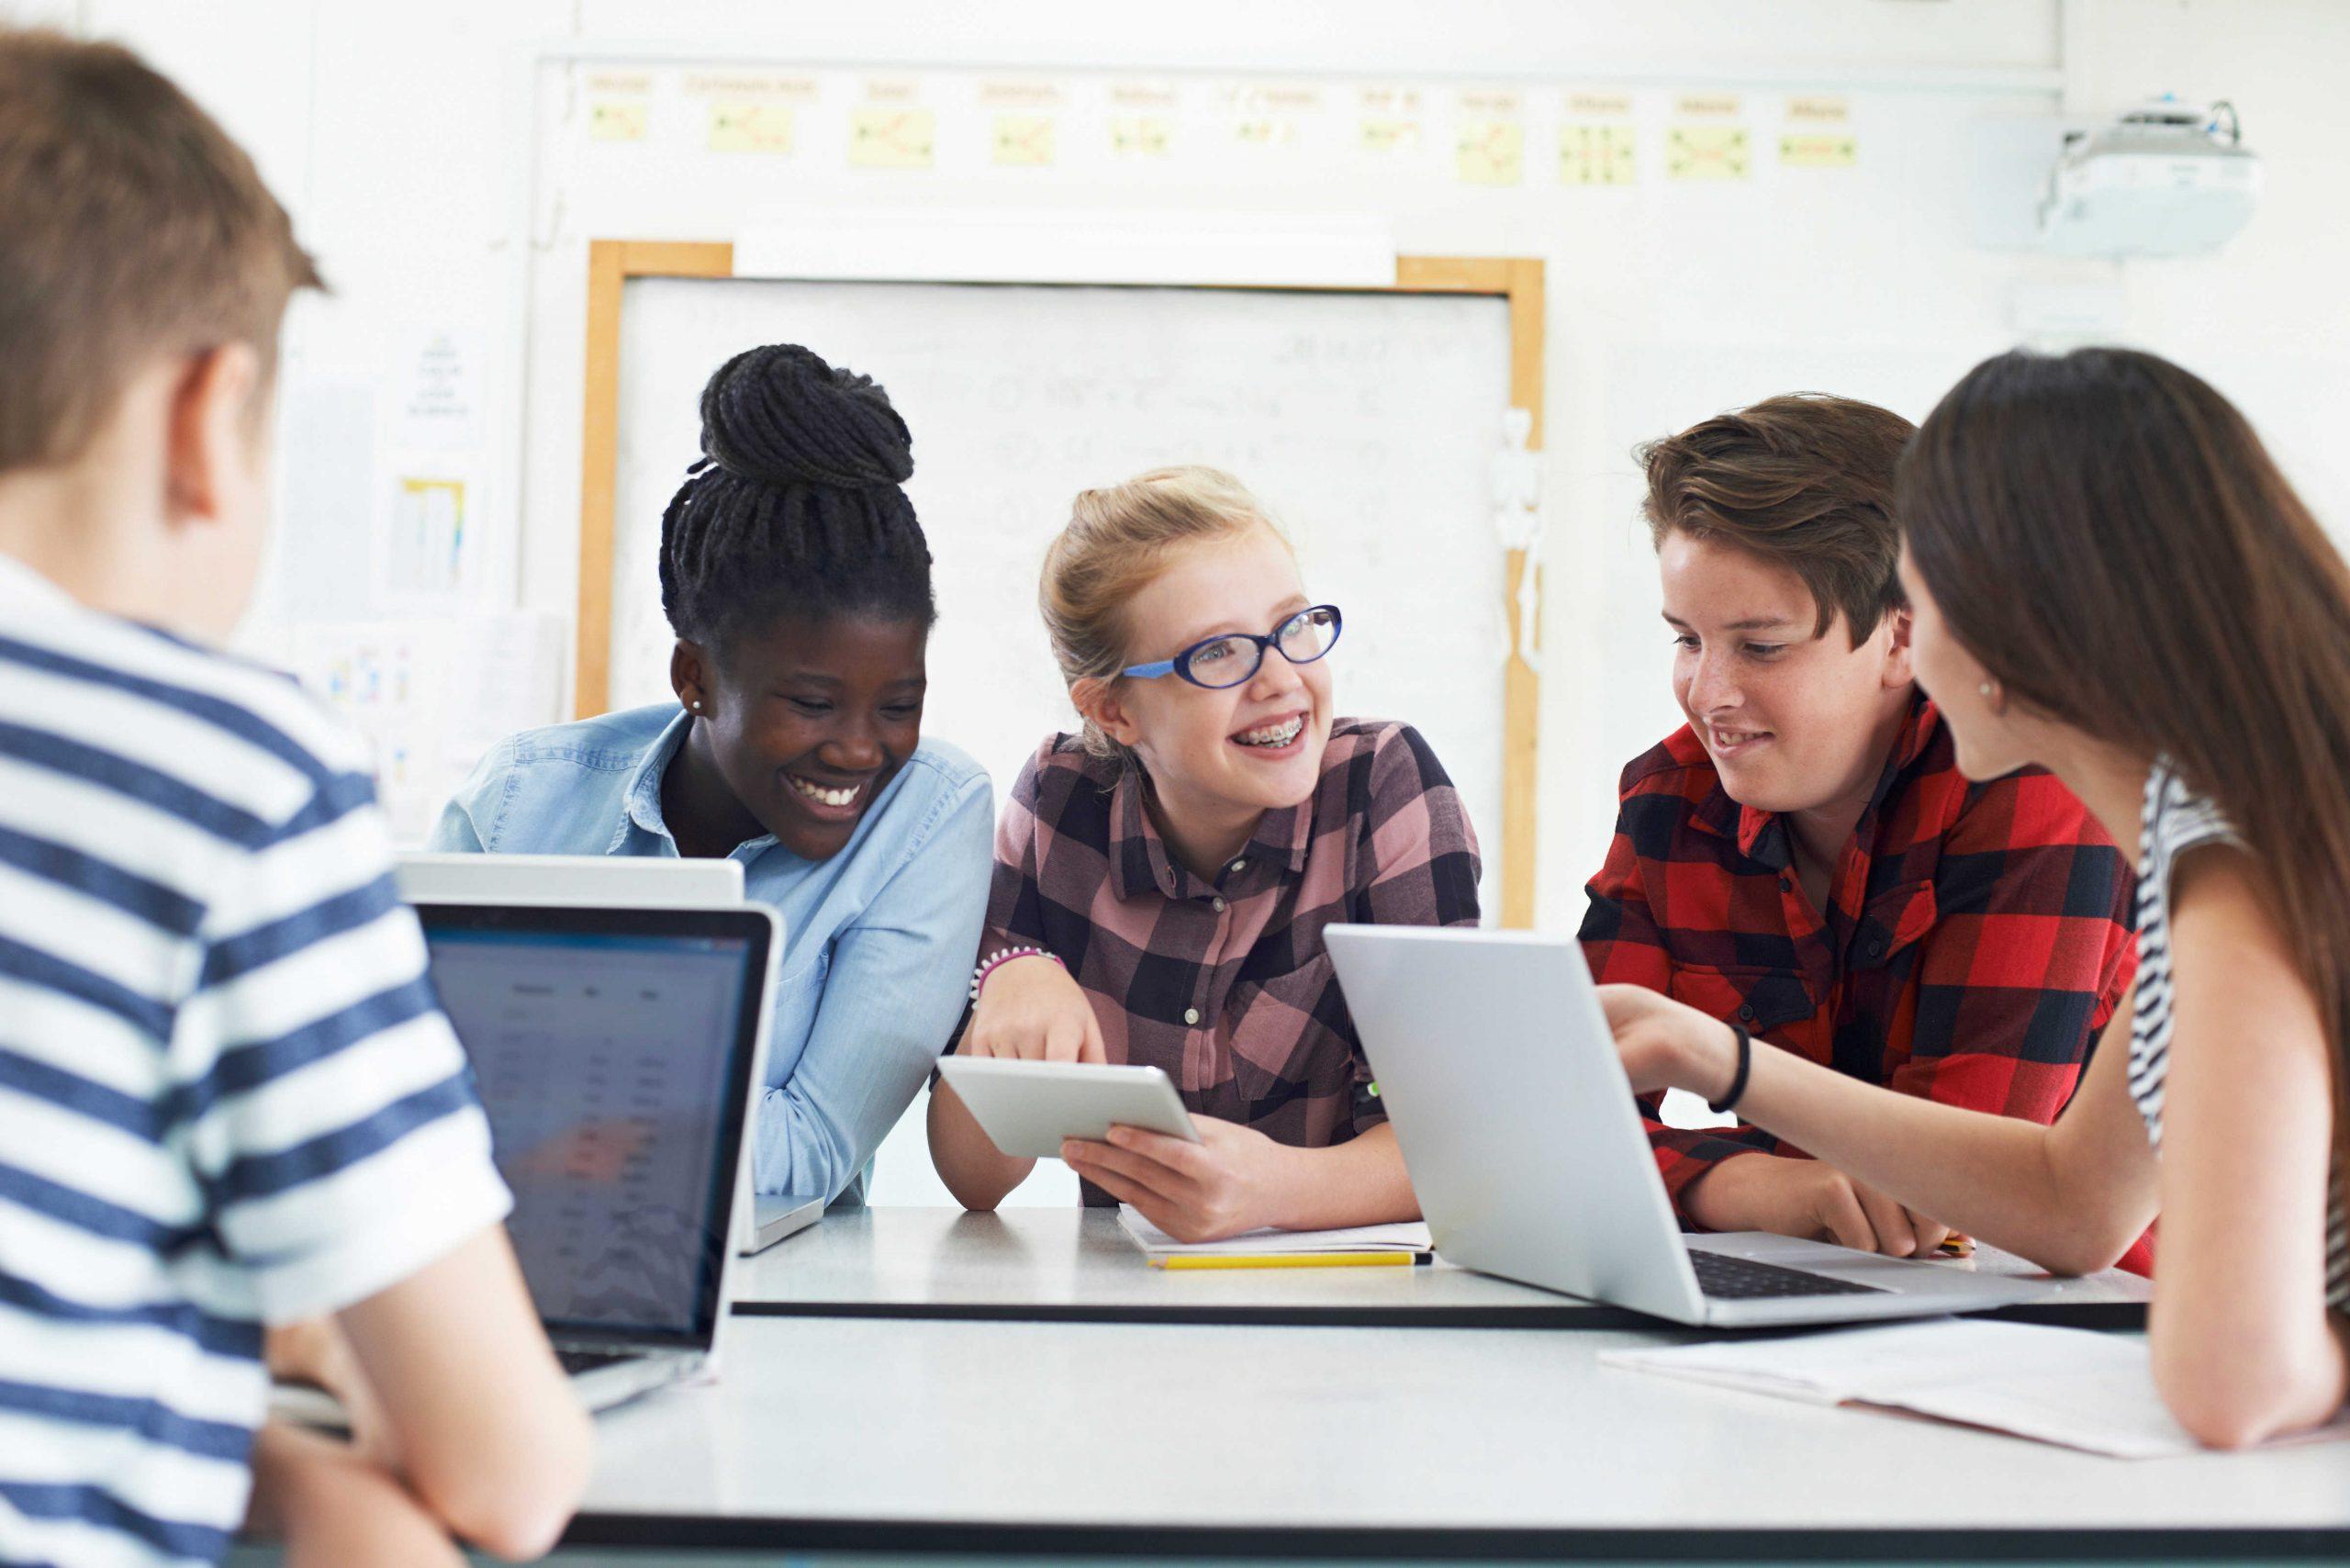 Aprendizaje colaborativo: el futuro inmediato de las TIC en el aula